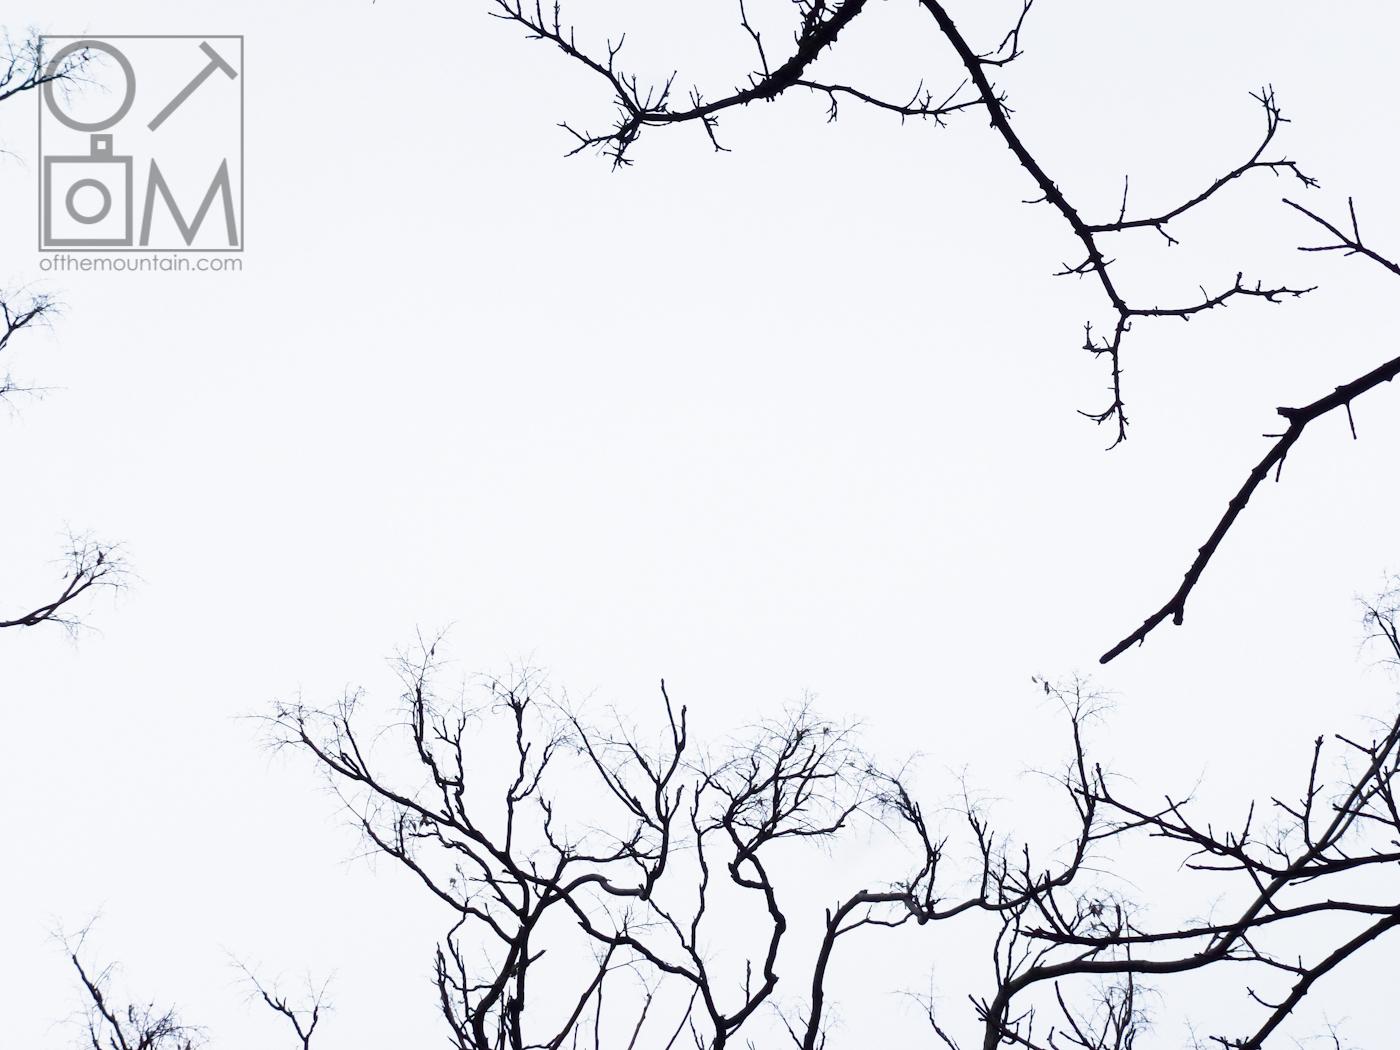 Boston - Downtown - Branches